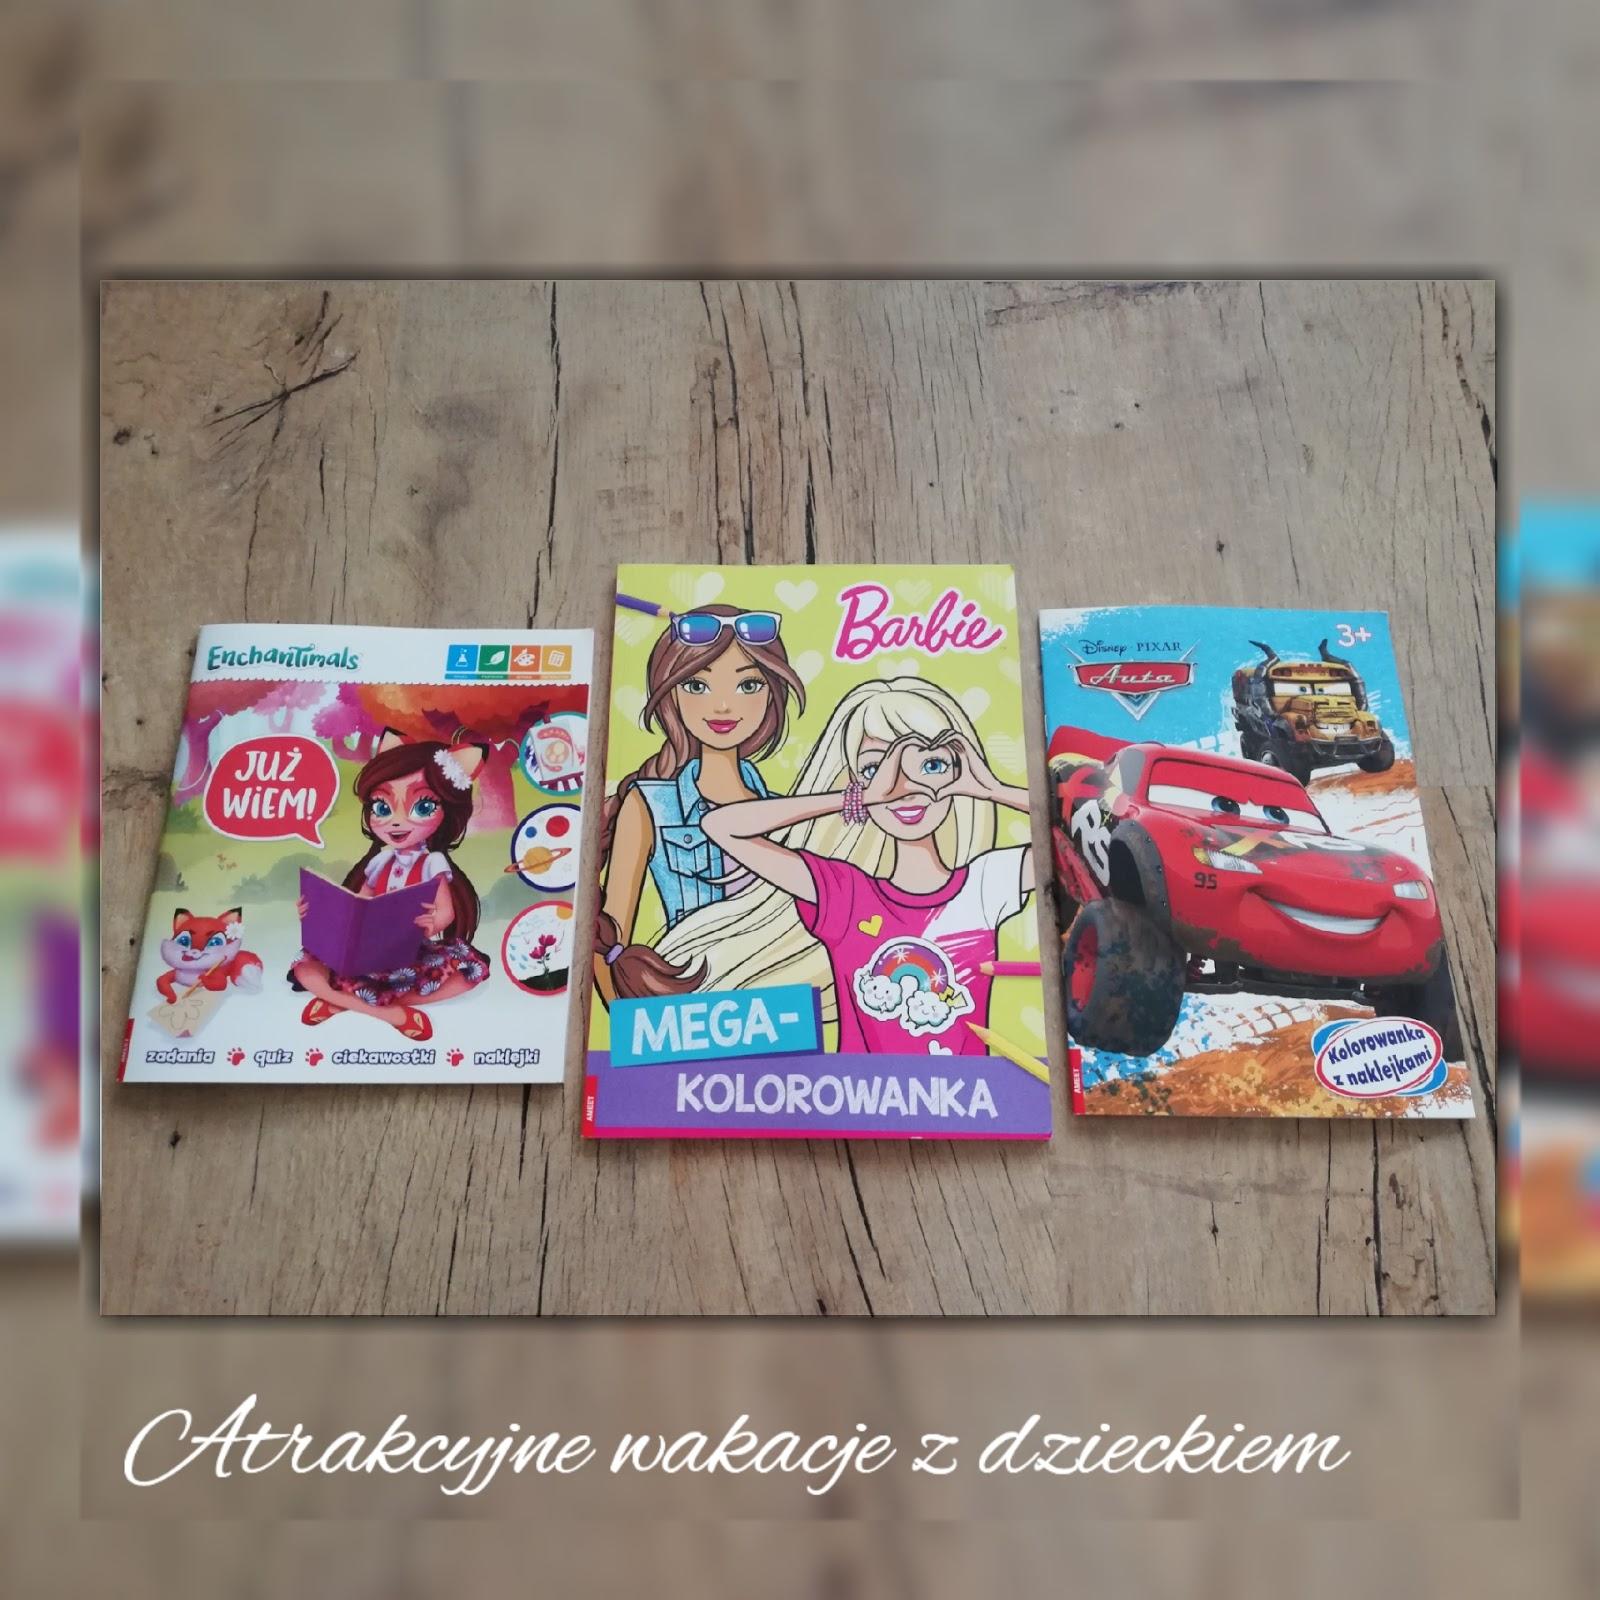 Blog atrakcyjne wakacje z dzieckiem